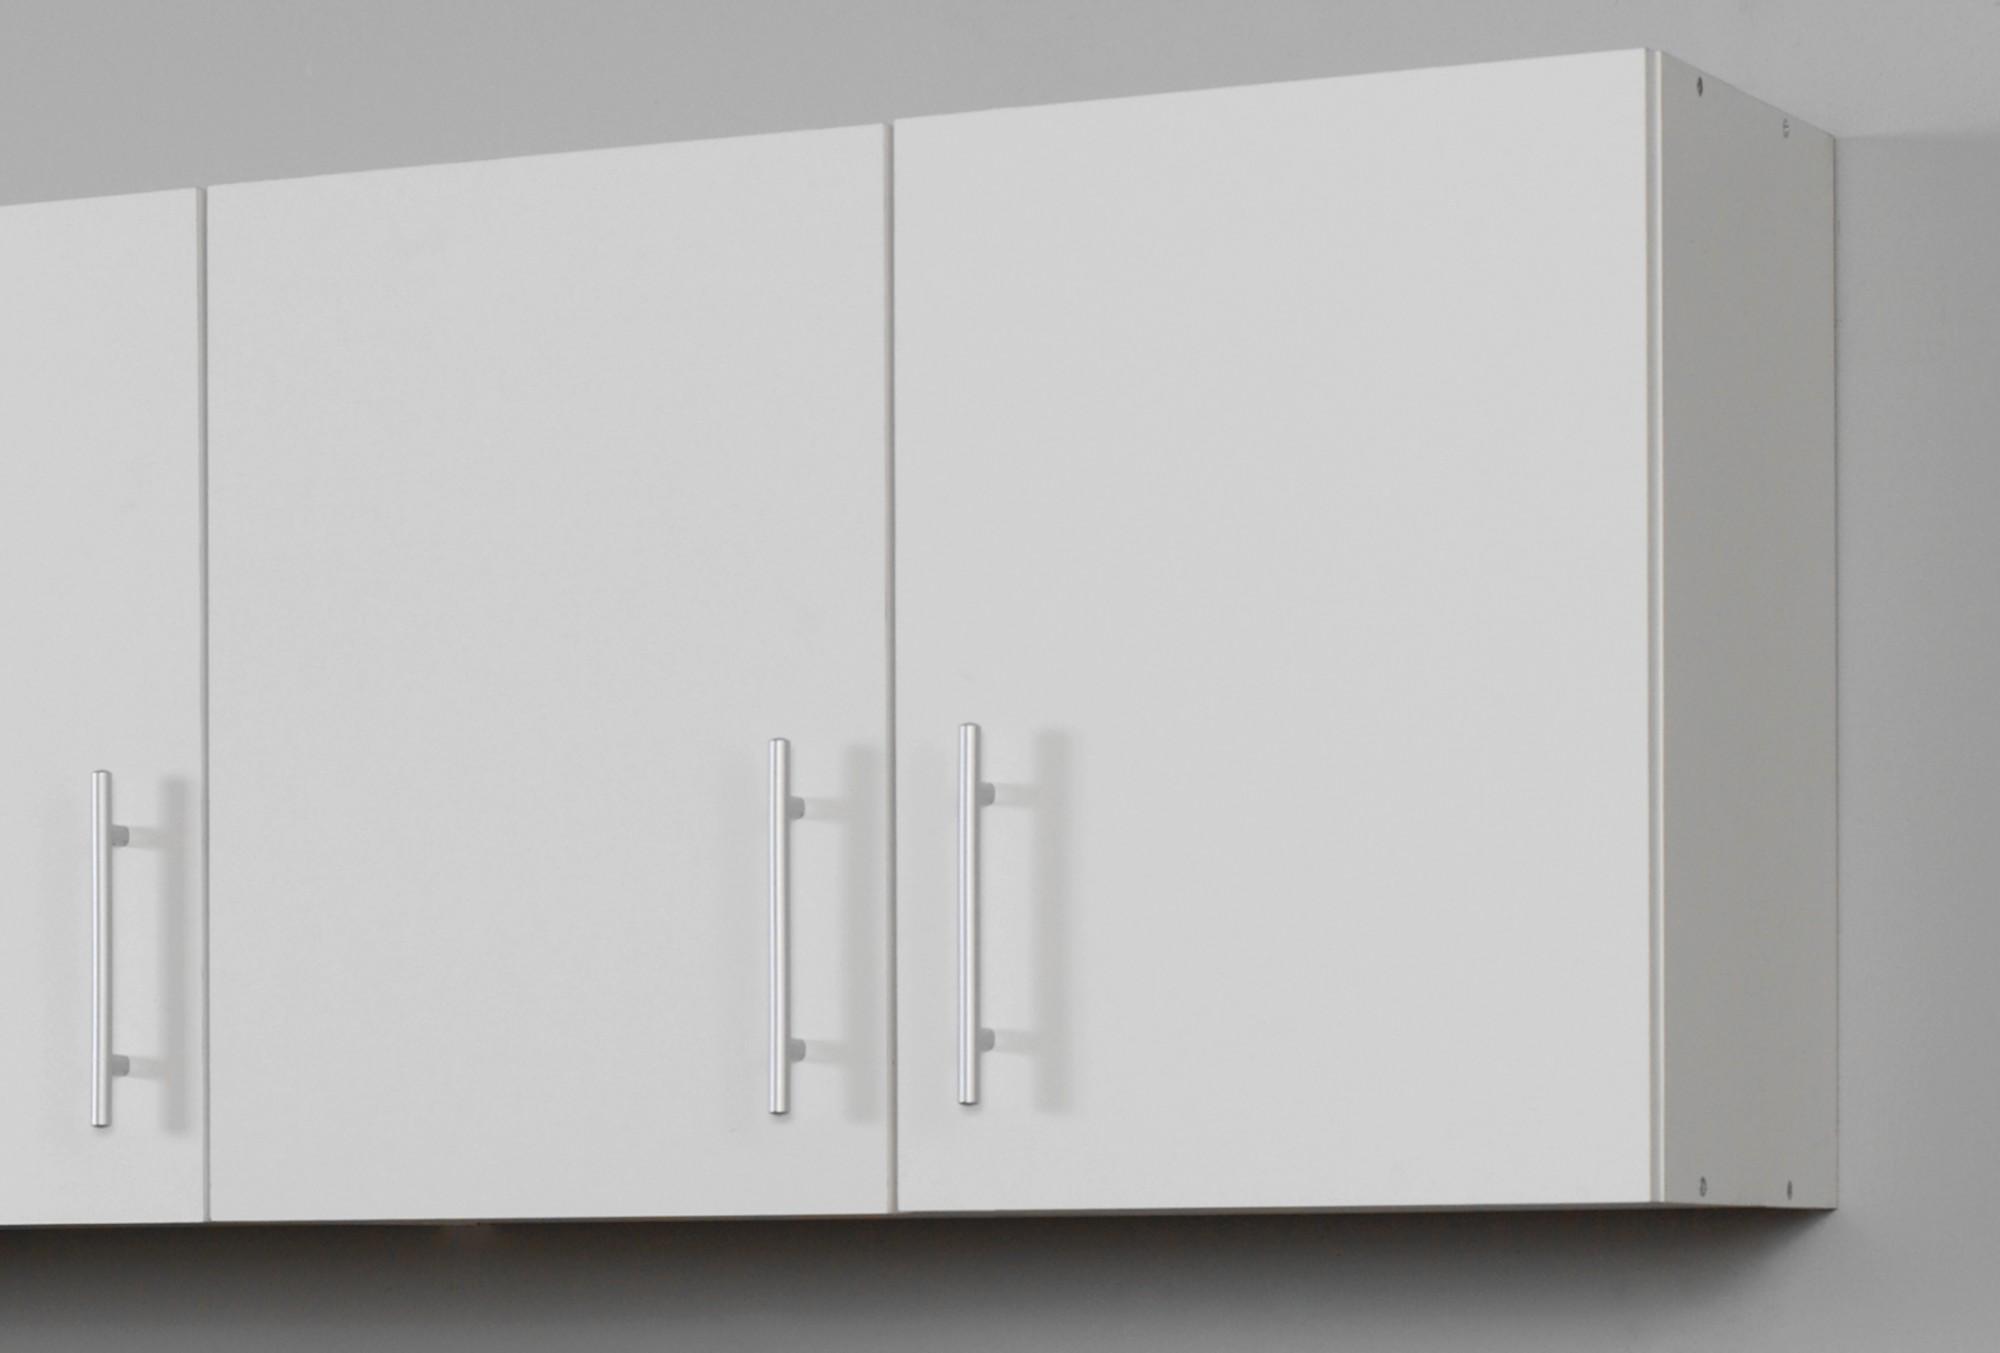 neu singlek che berlin mit k hlschrank und glaskeramikkochfeld 180cm wei ebay. Black Bedroom Furniture Sets. Home Design Ideas